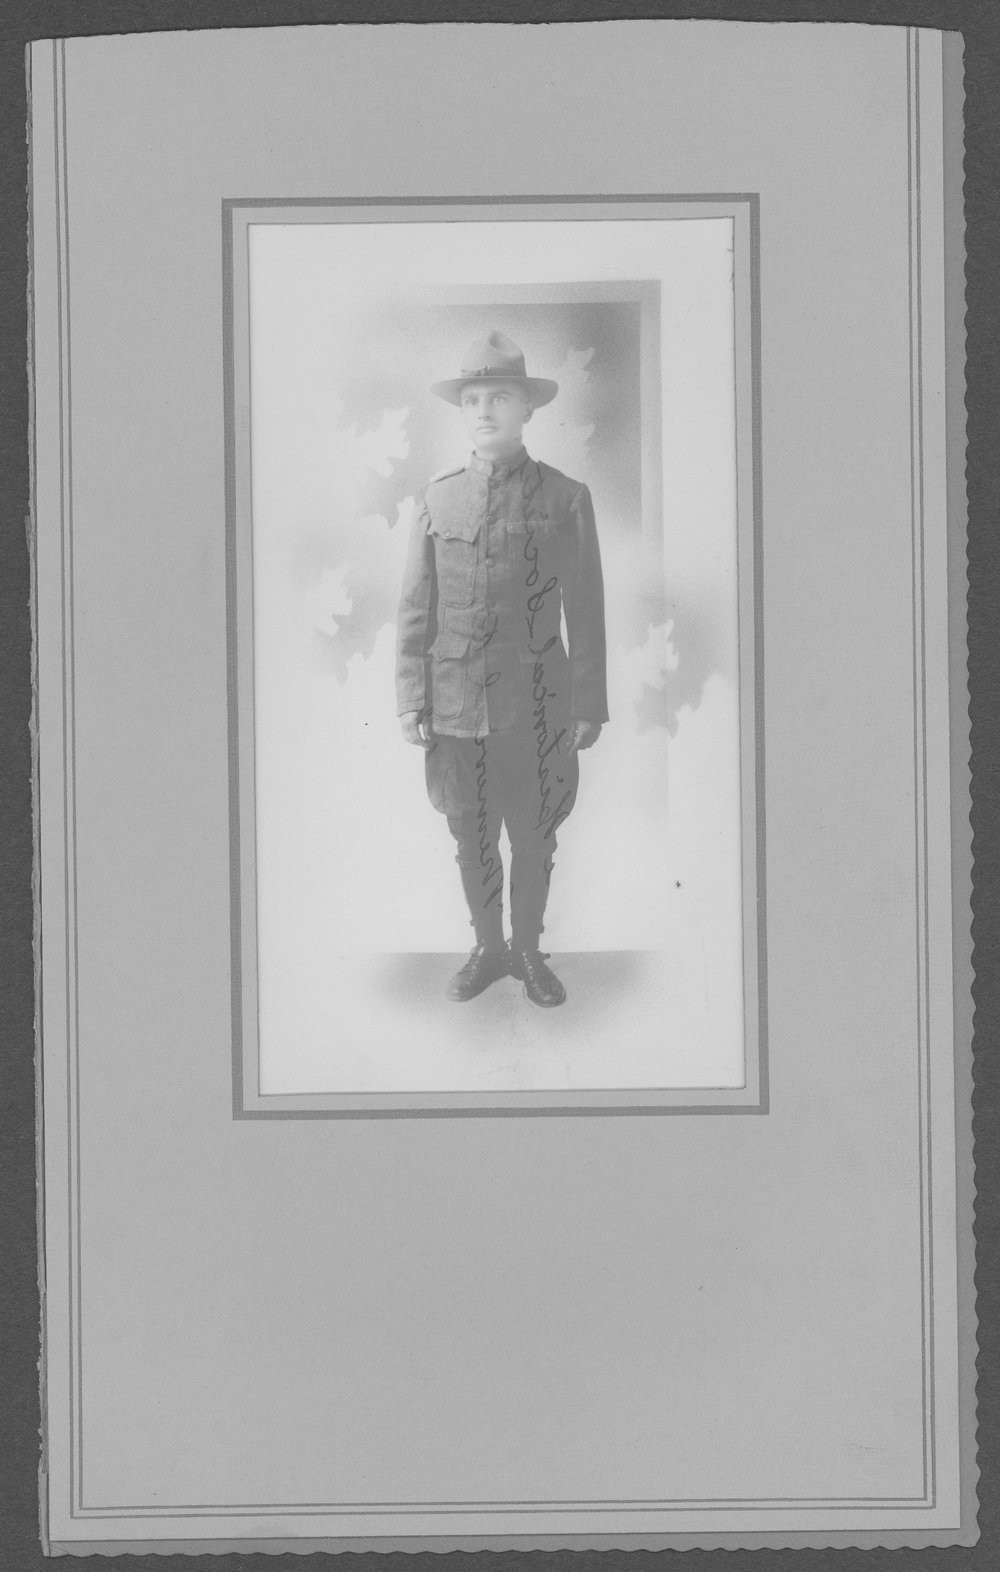 John Cary, World War I soldier - Photograph